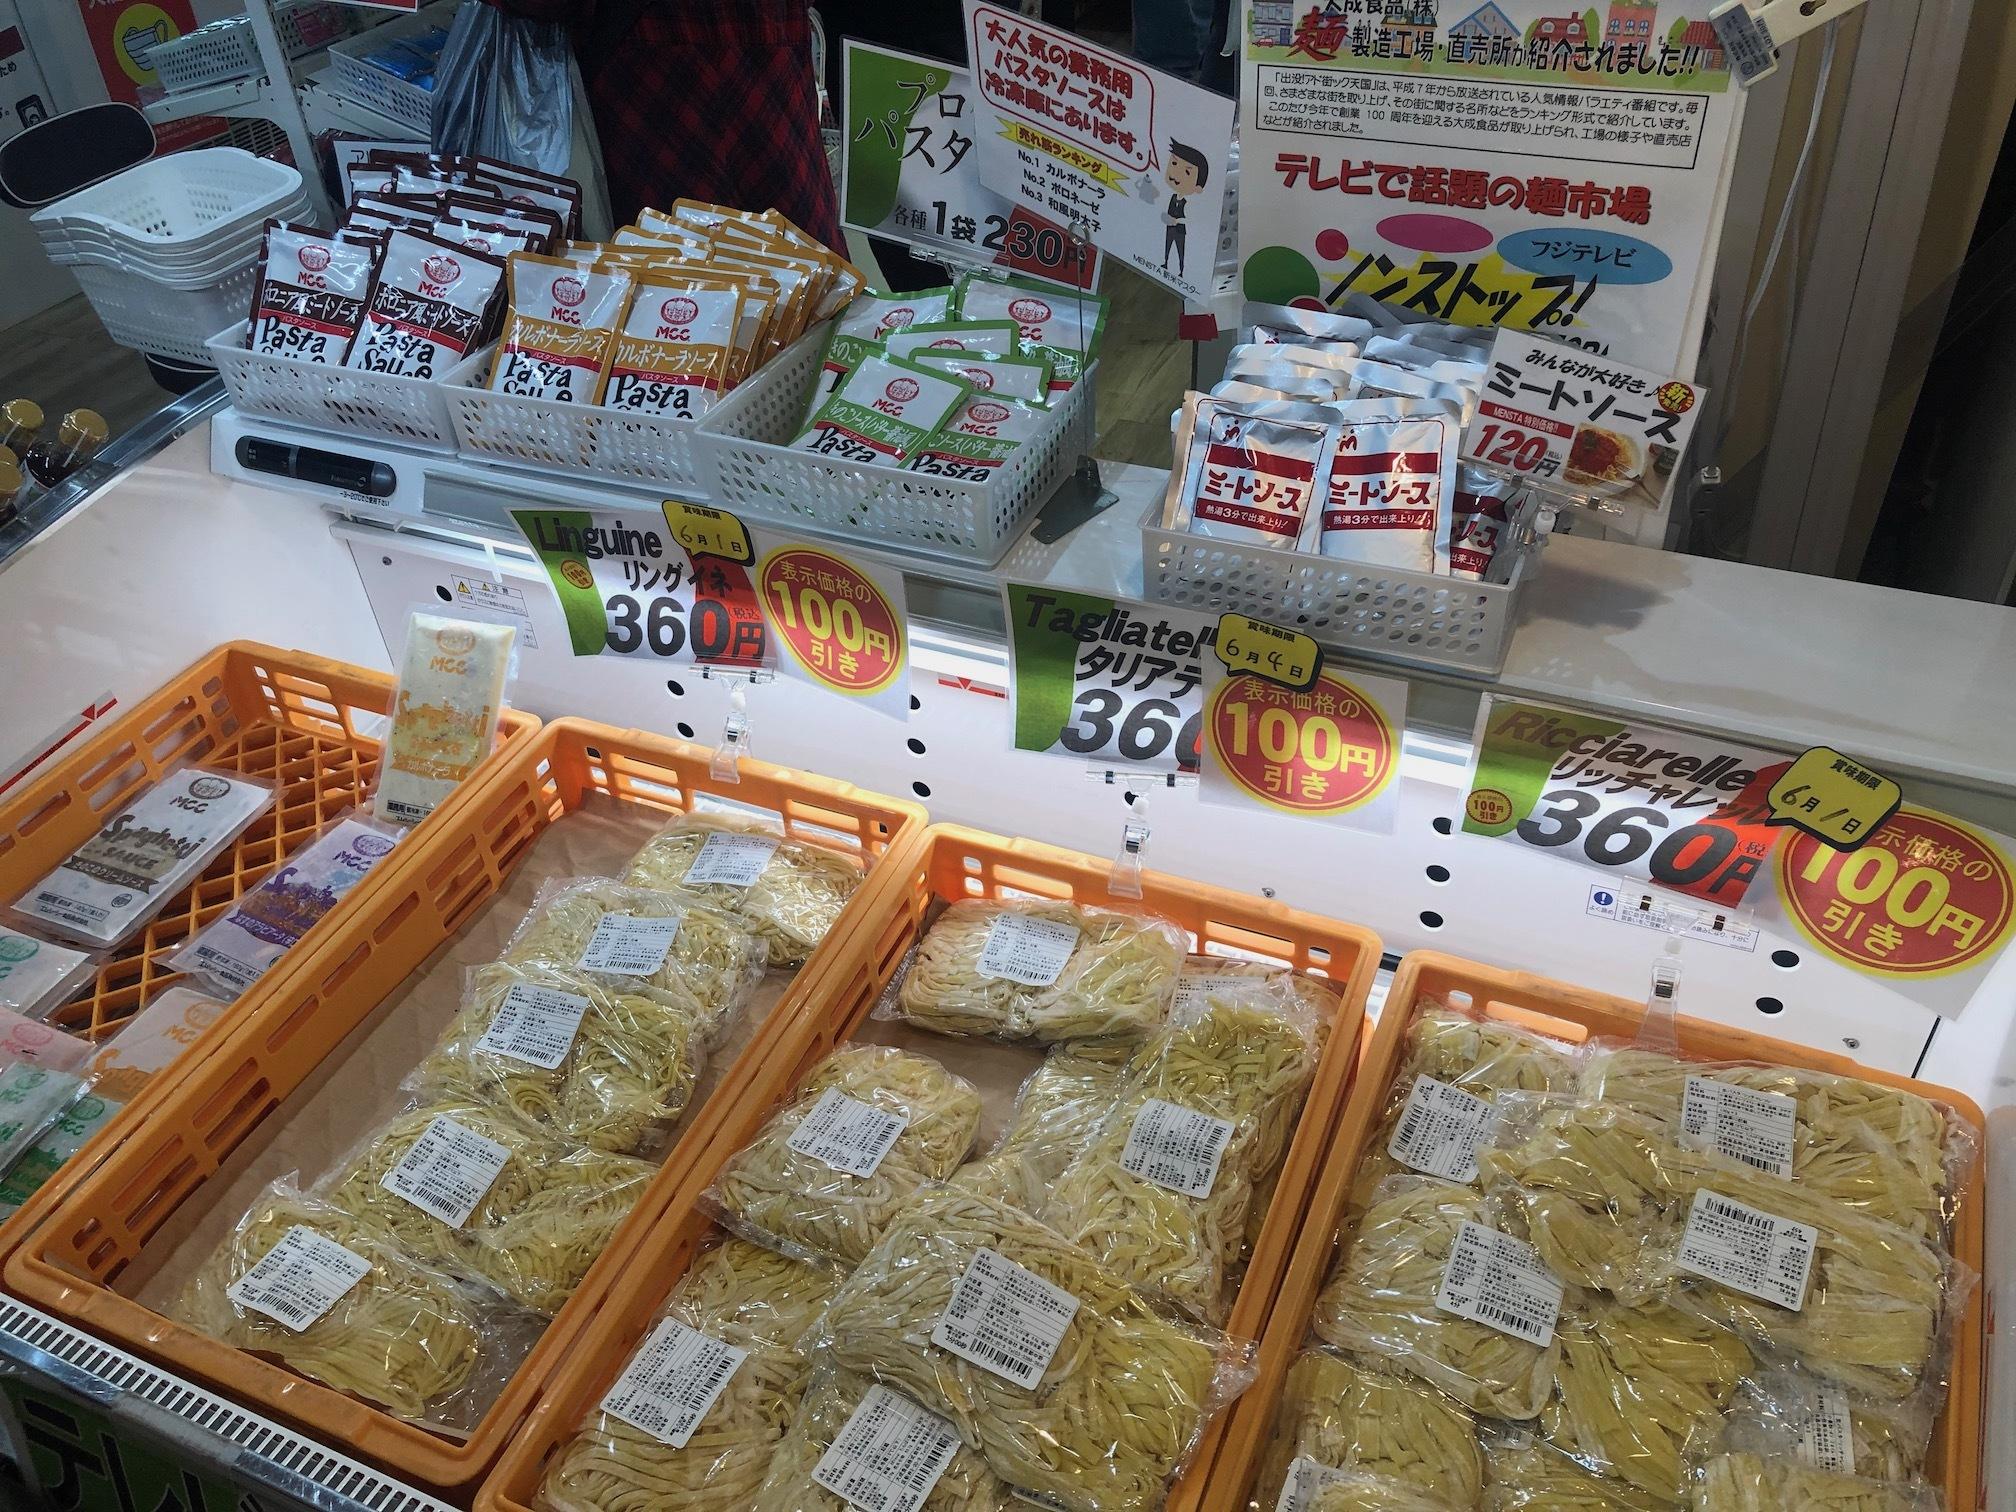 生パスタコーナー@麺テイスティング・カフェショップ MENSTA